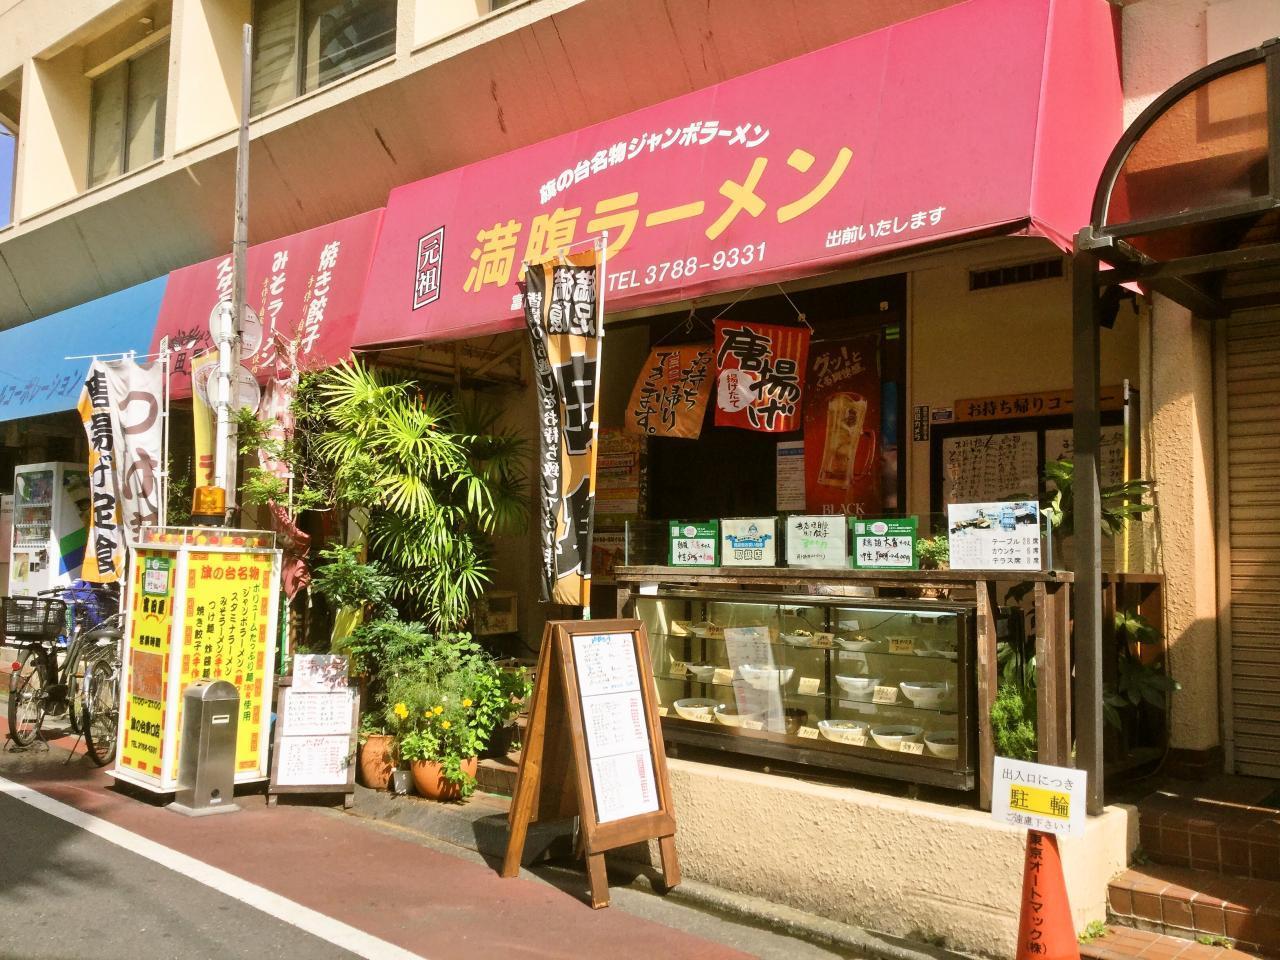 元祖 満腹ラーメン 富田屋(店舗)